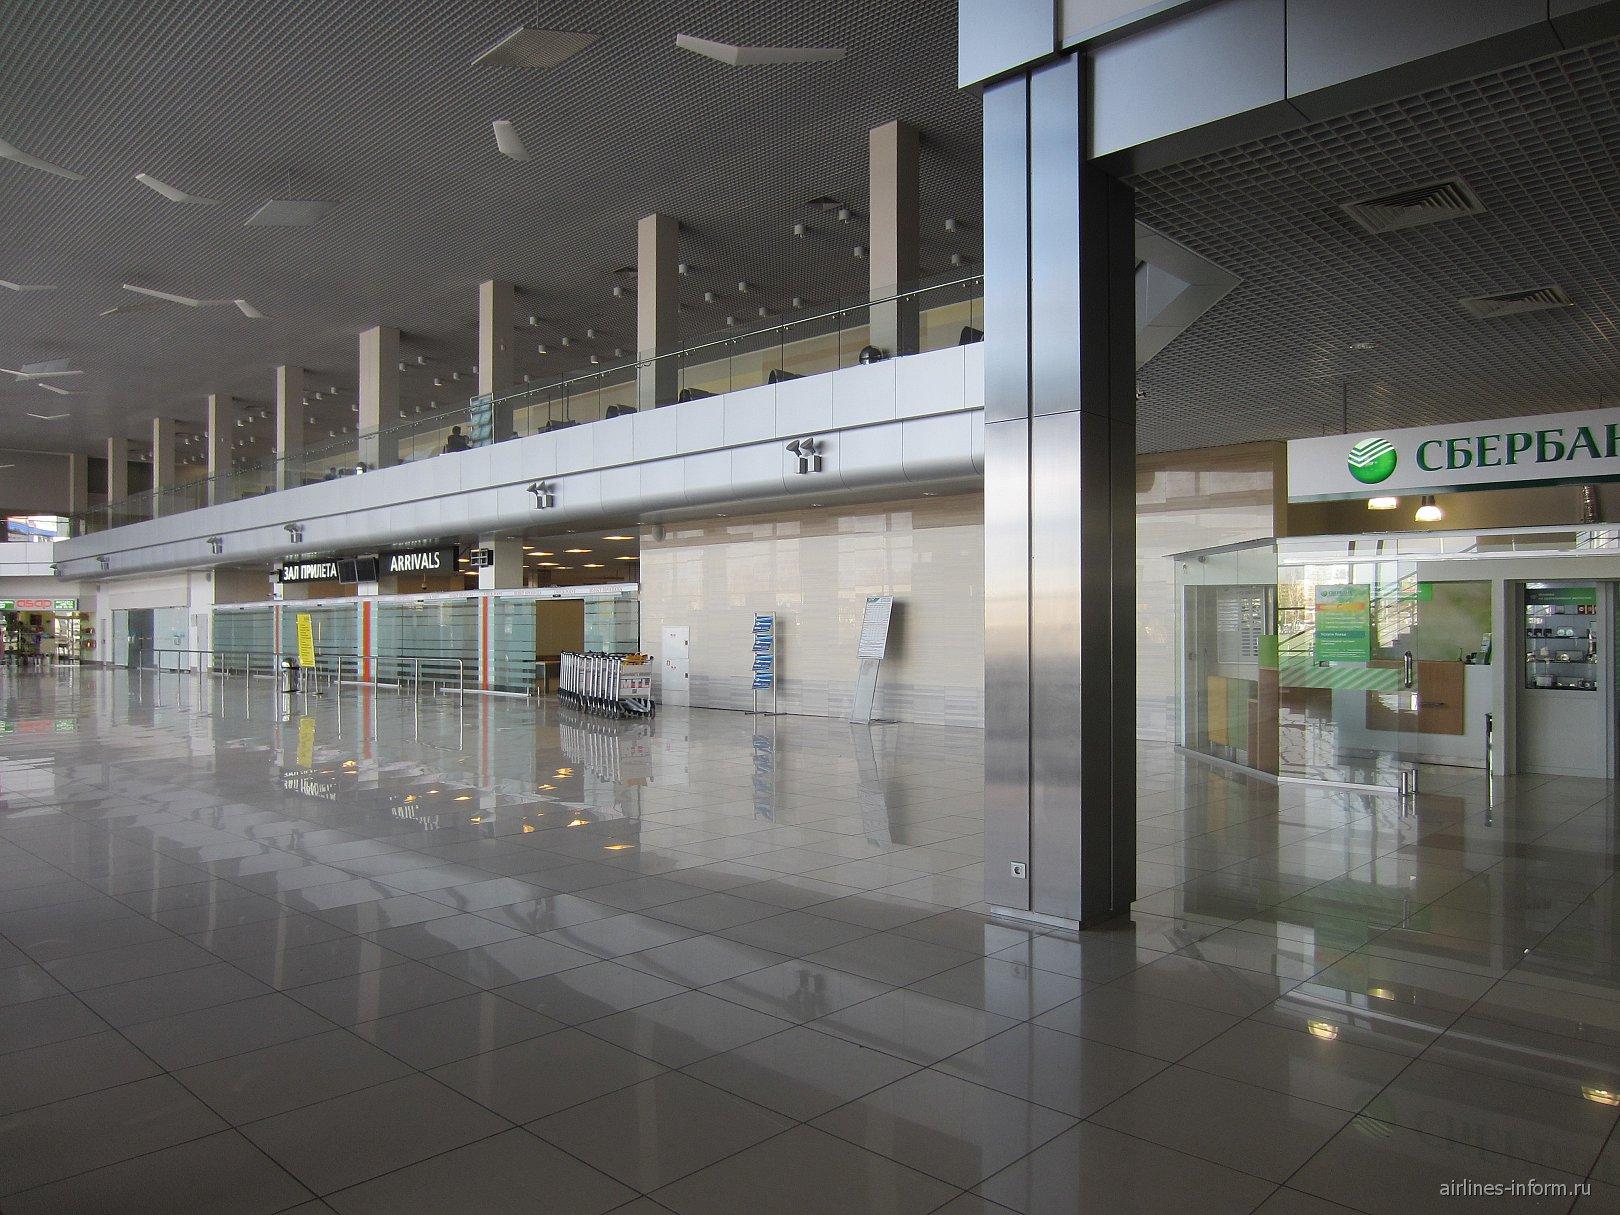 Зал прилета в аэропорту Екатеринбург Кольцово